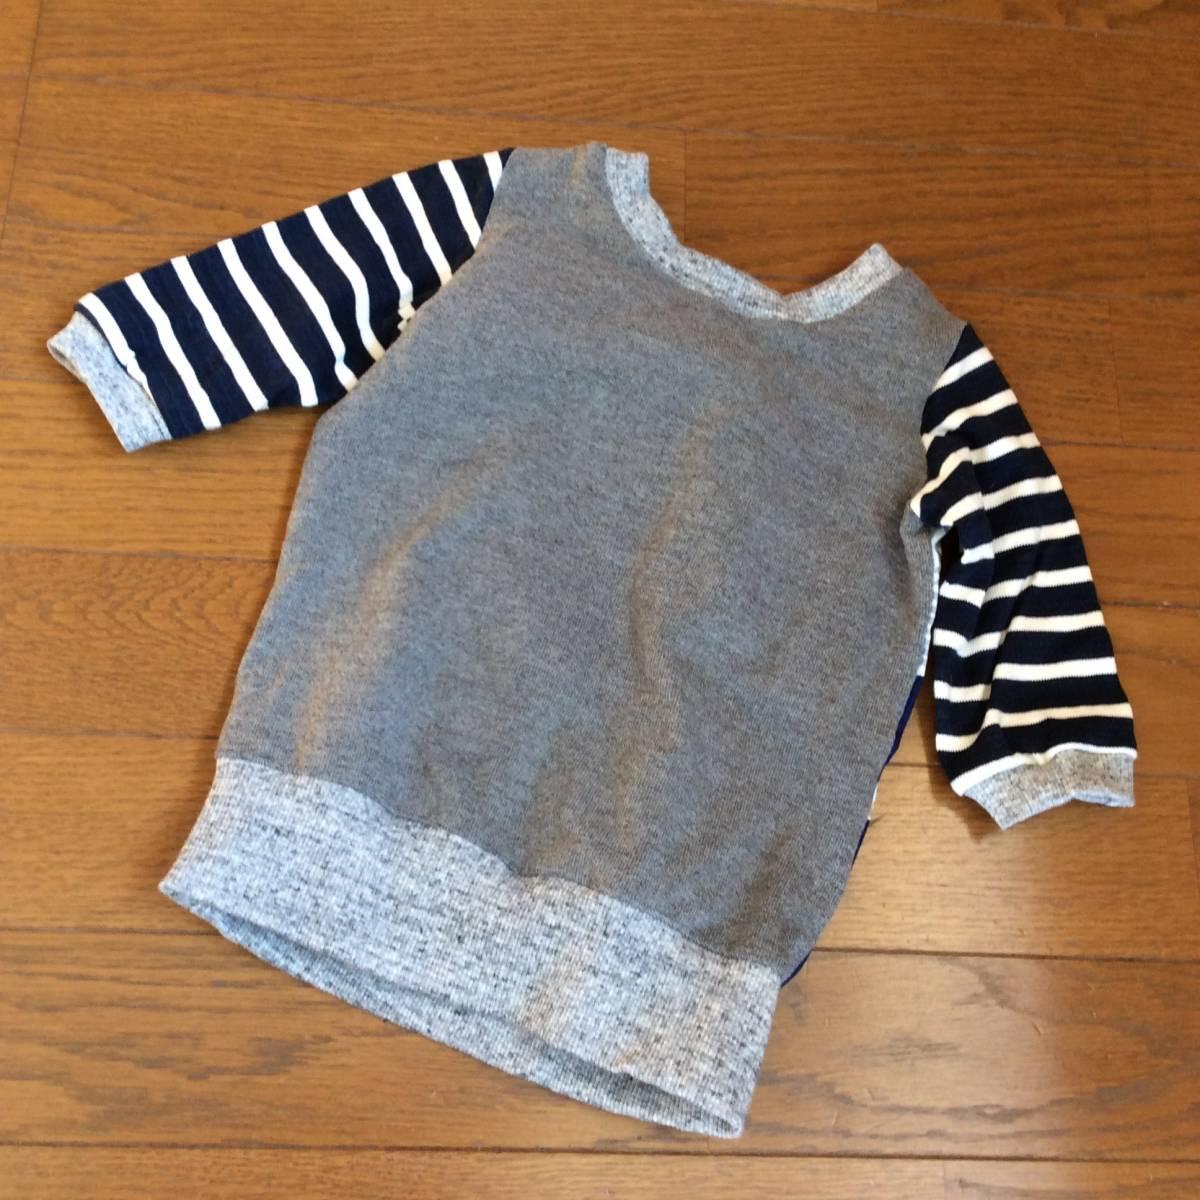 日々の服*ハンドメイド*切り替えT6分袖 100/ブルー、グレー、バード、鳥、ネイビー、グリーン_画像4